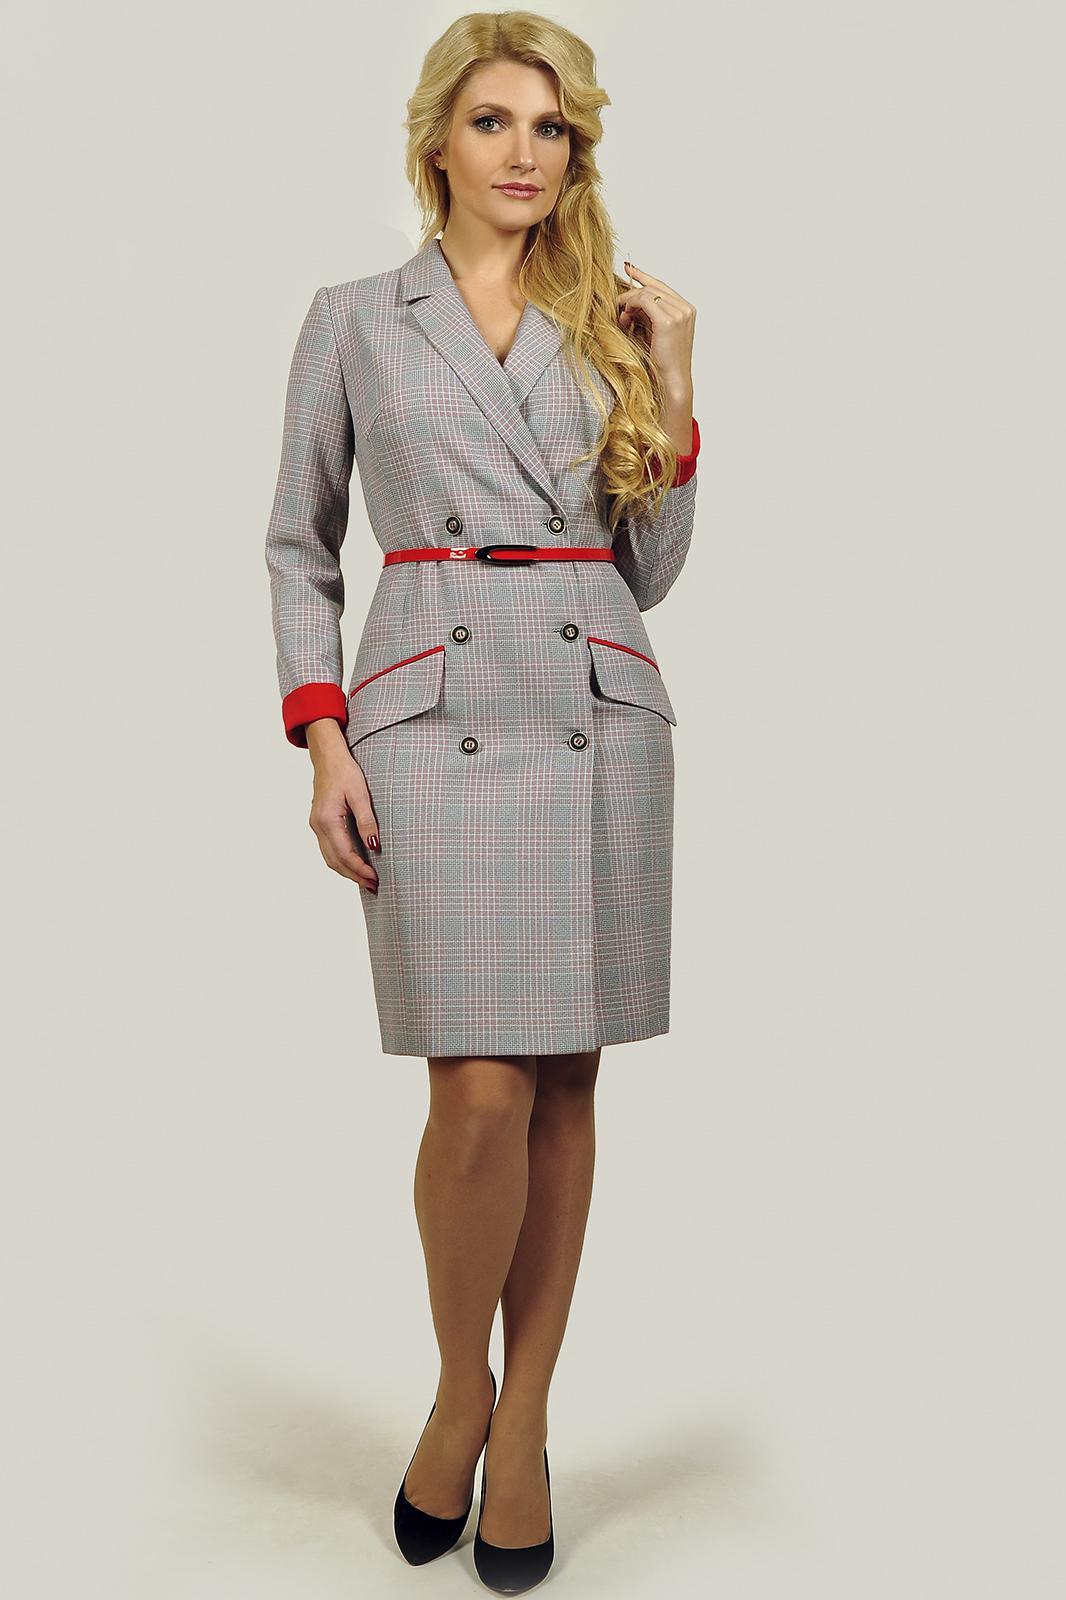 Купить Платье Sandyna, 13537-3 красно-белая клетка, Беларусь